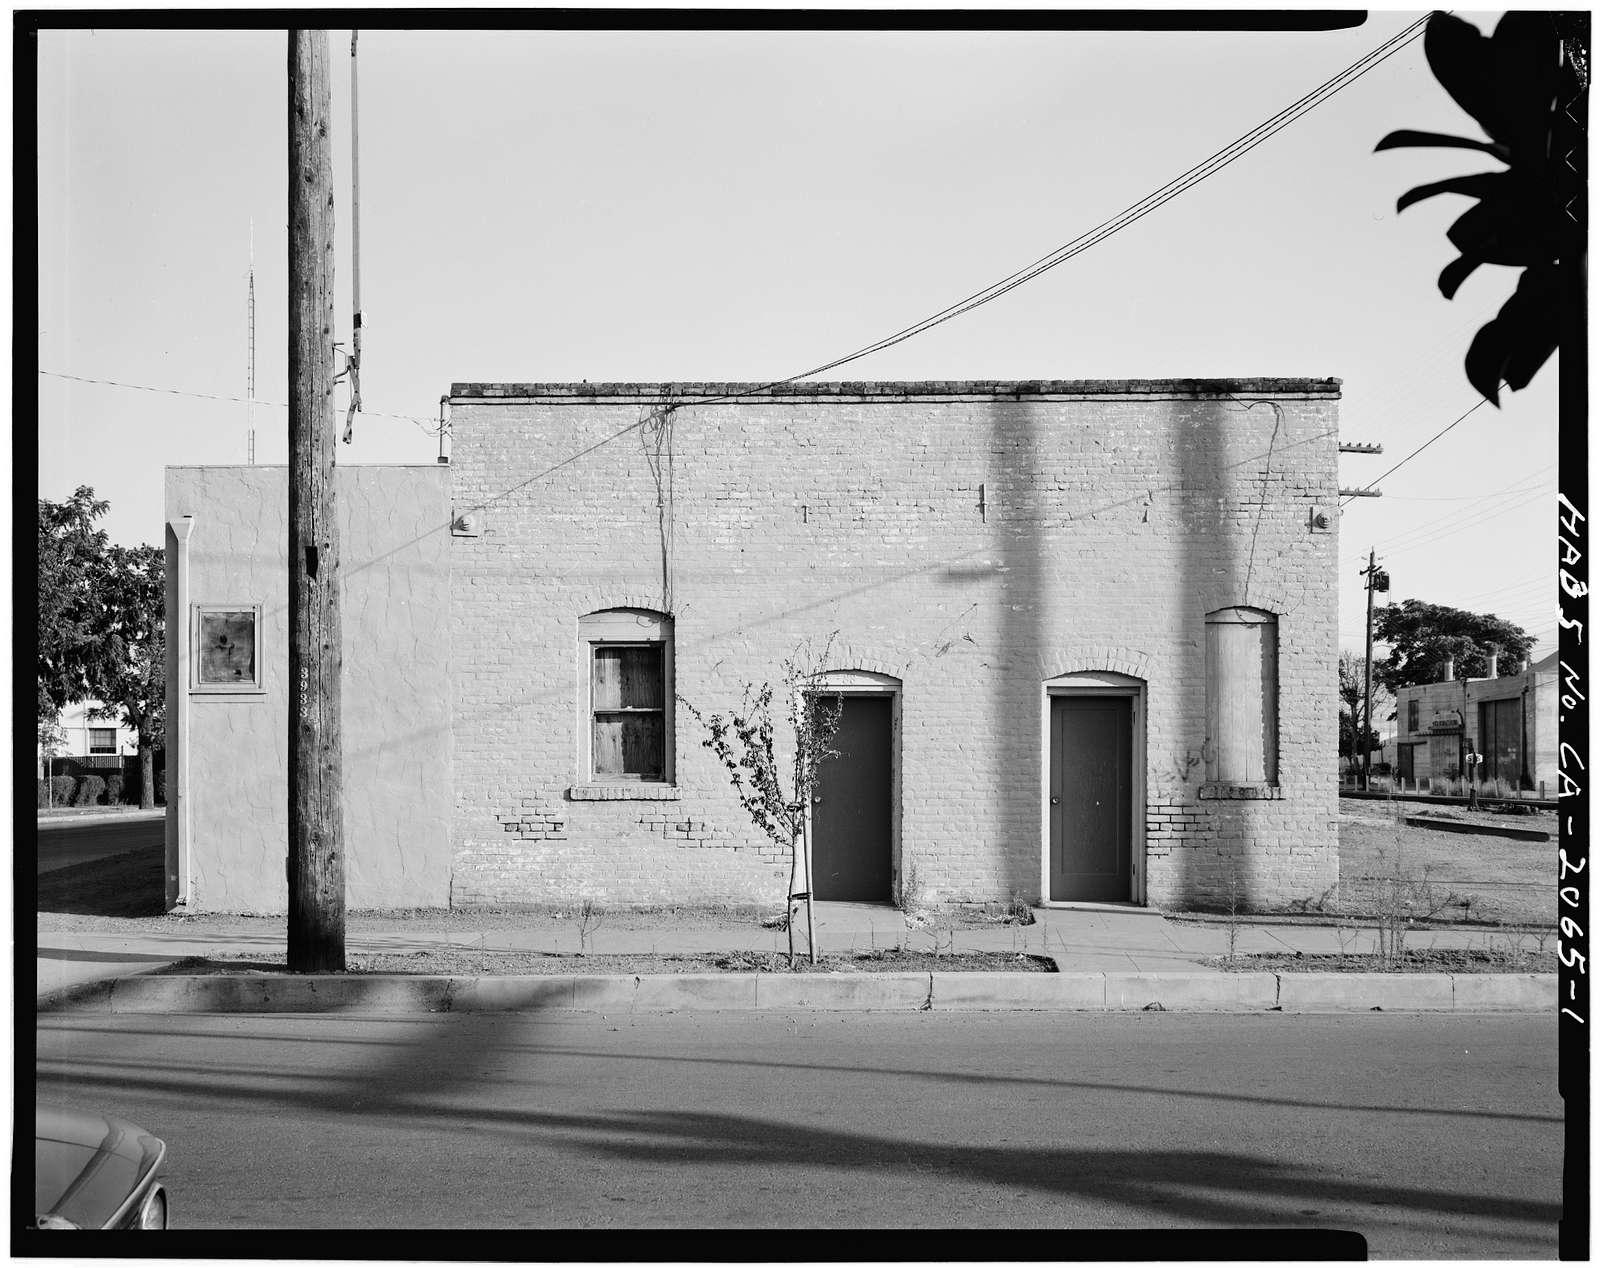 Live Oak Creamery, 88 Martin Street, Gilroy, Santa Clara County, CA